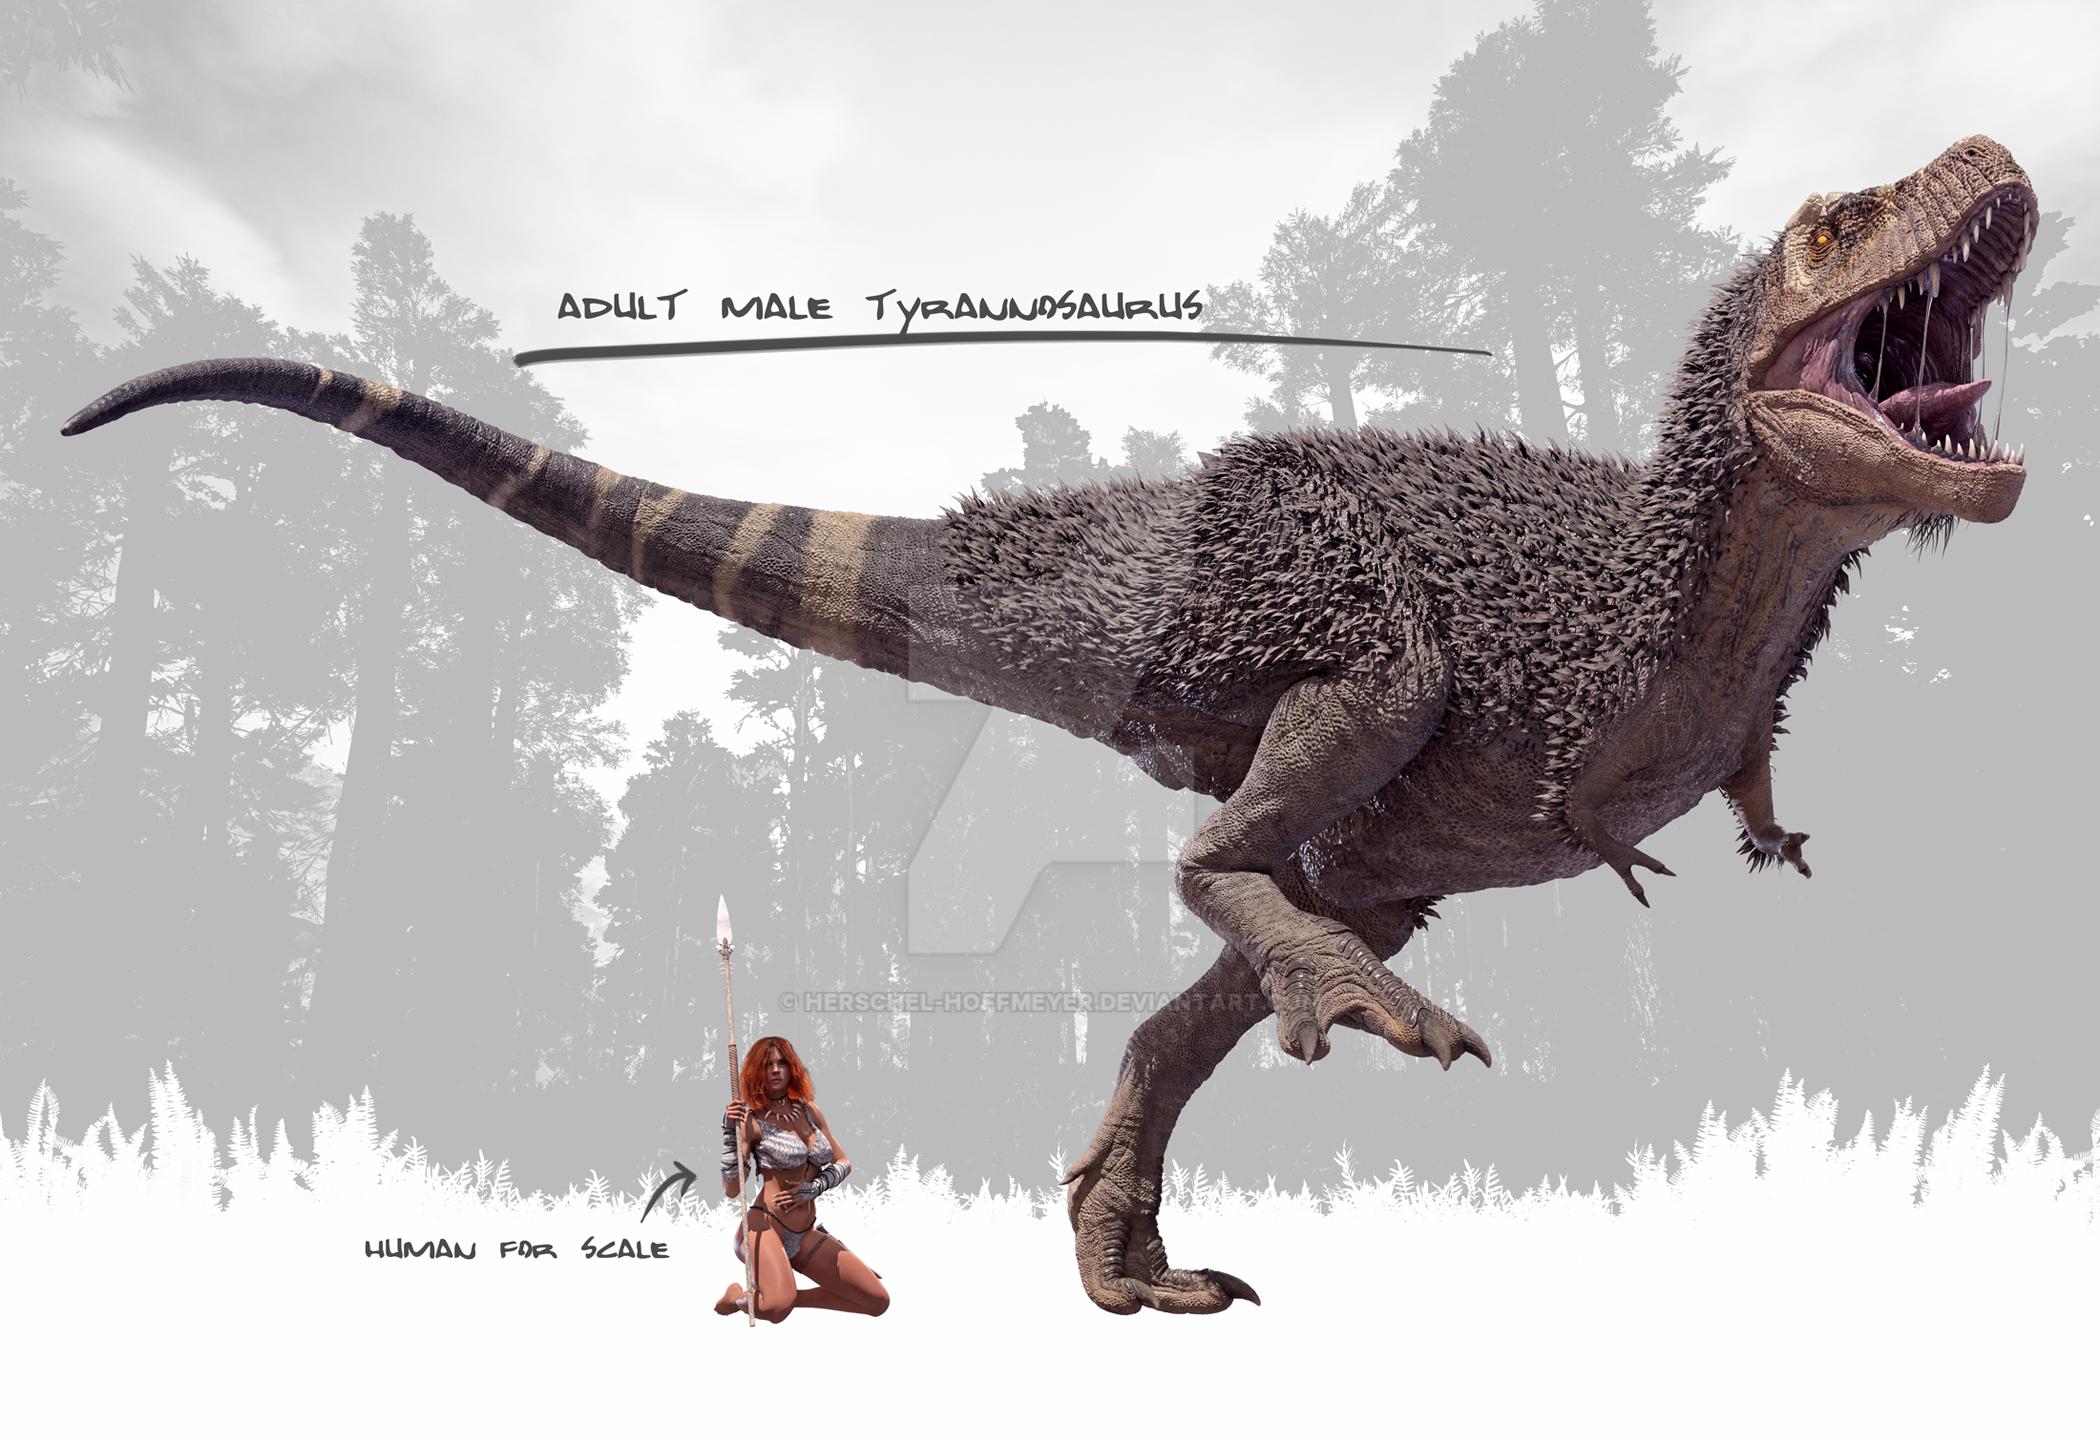 Male Tyrannosaurus Rex by Herschel-Hoffmeyer on DeviantArt